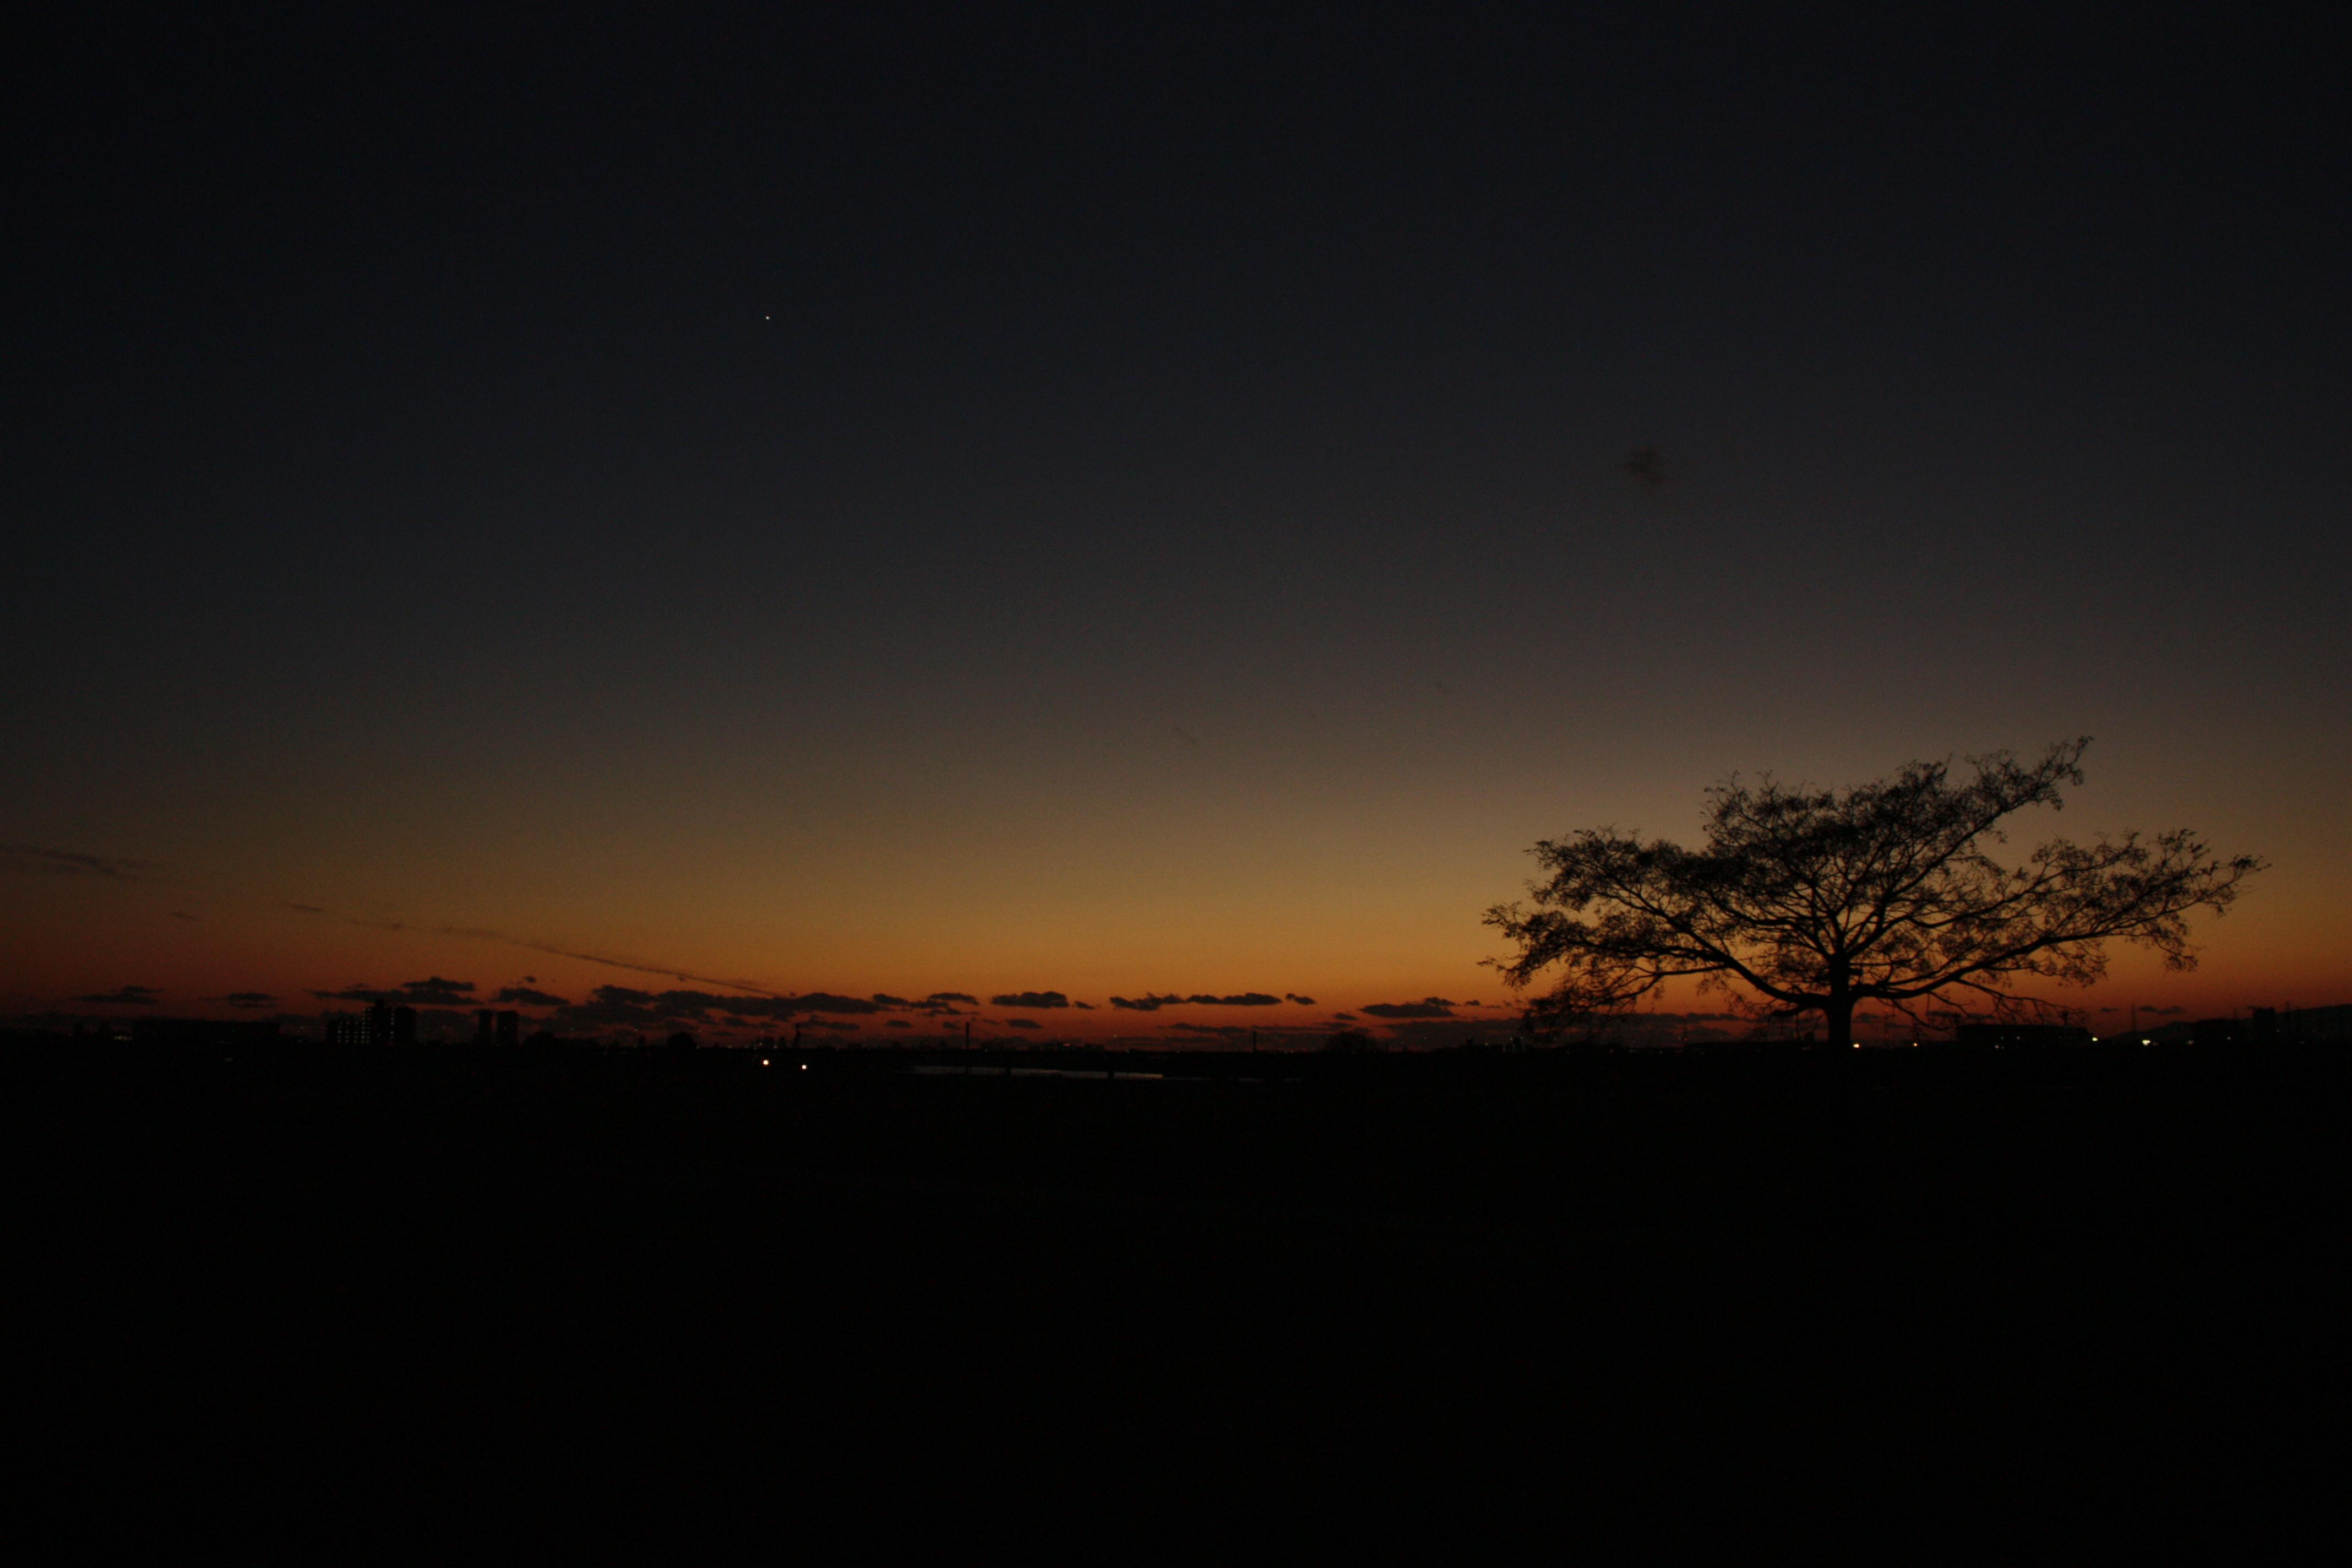 Yodogawa sunset photo